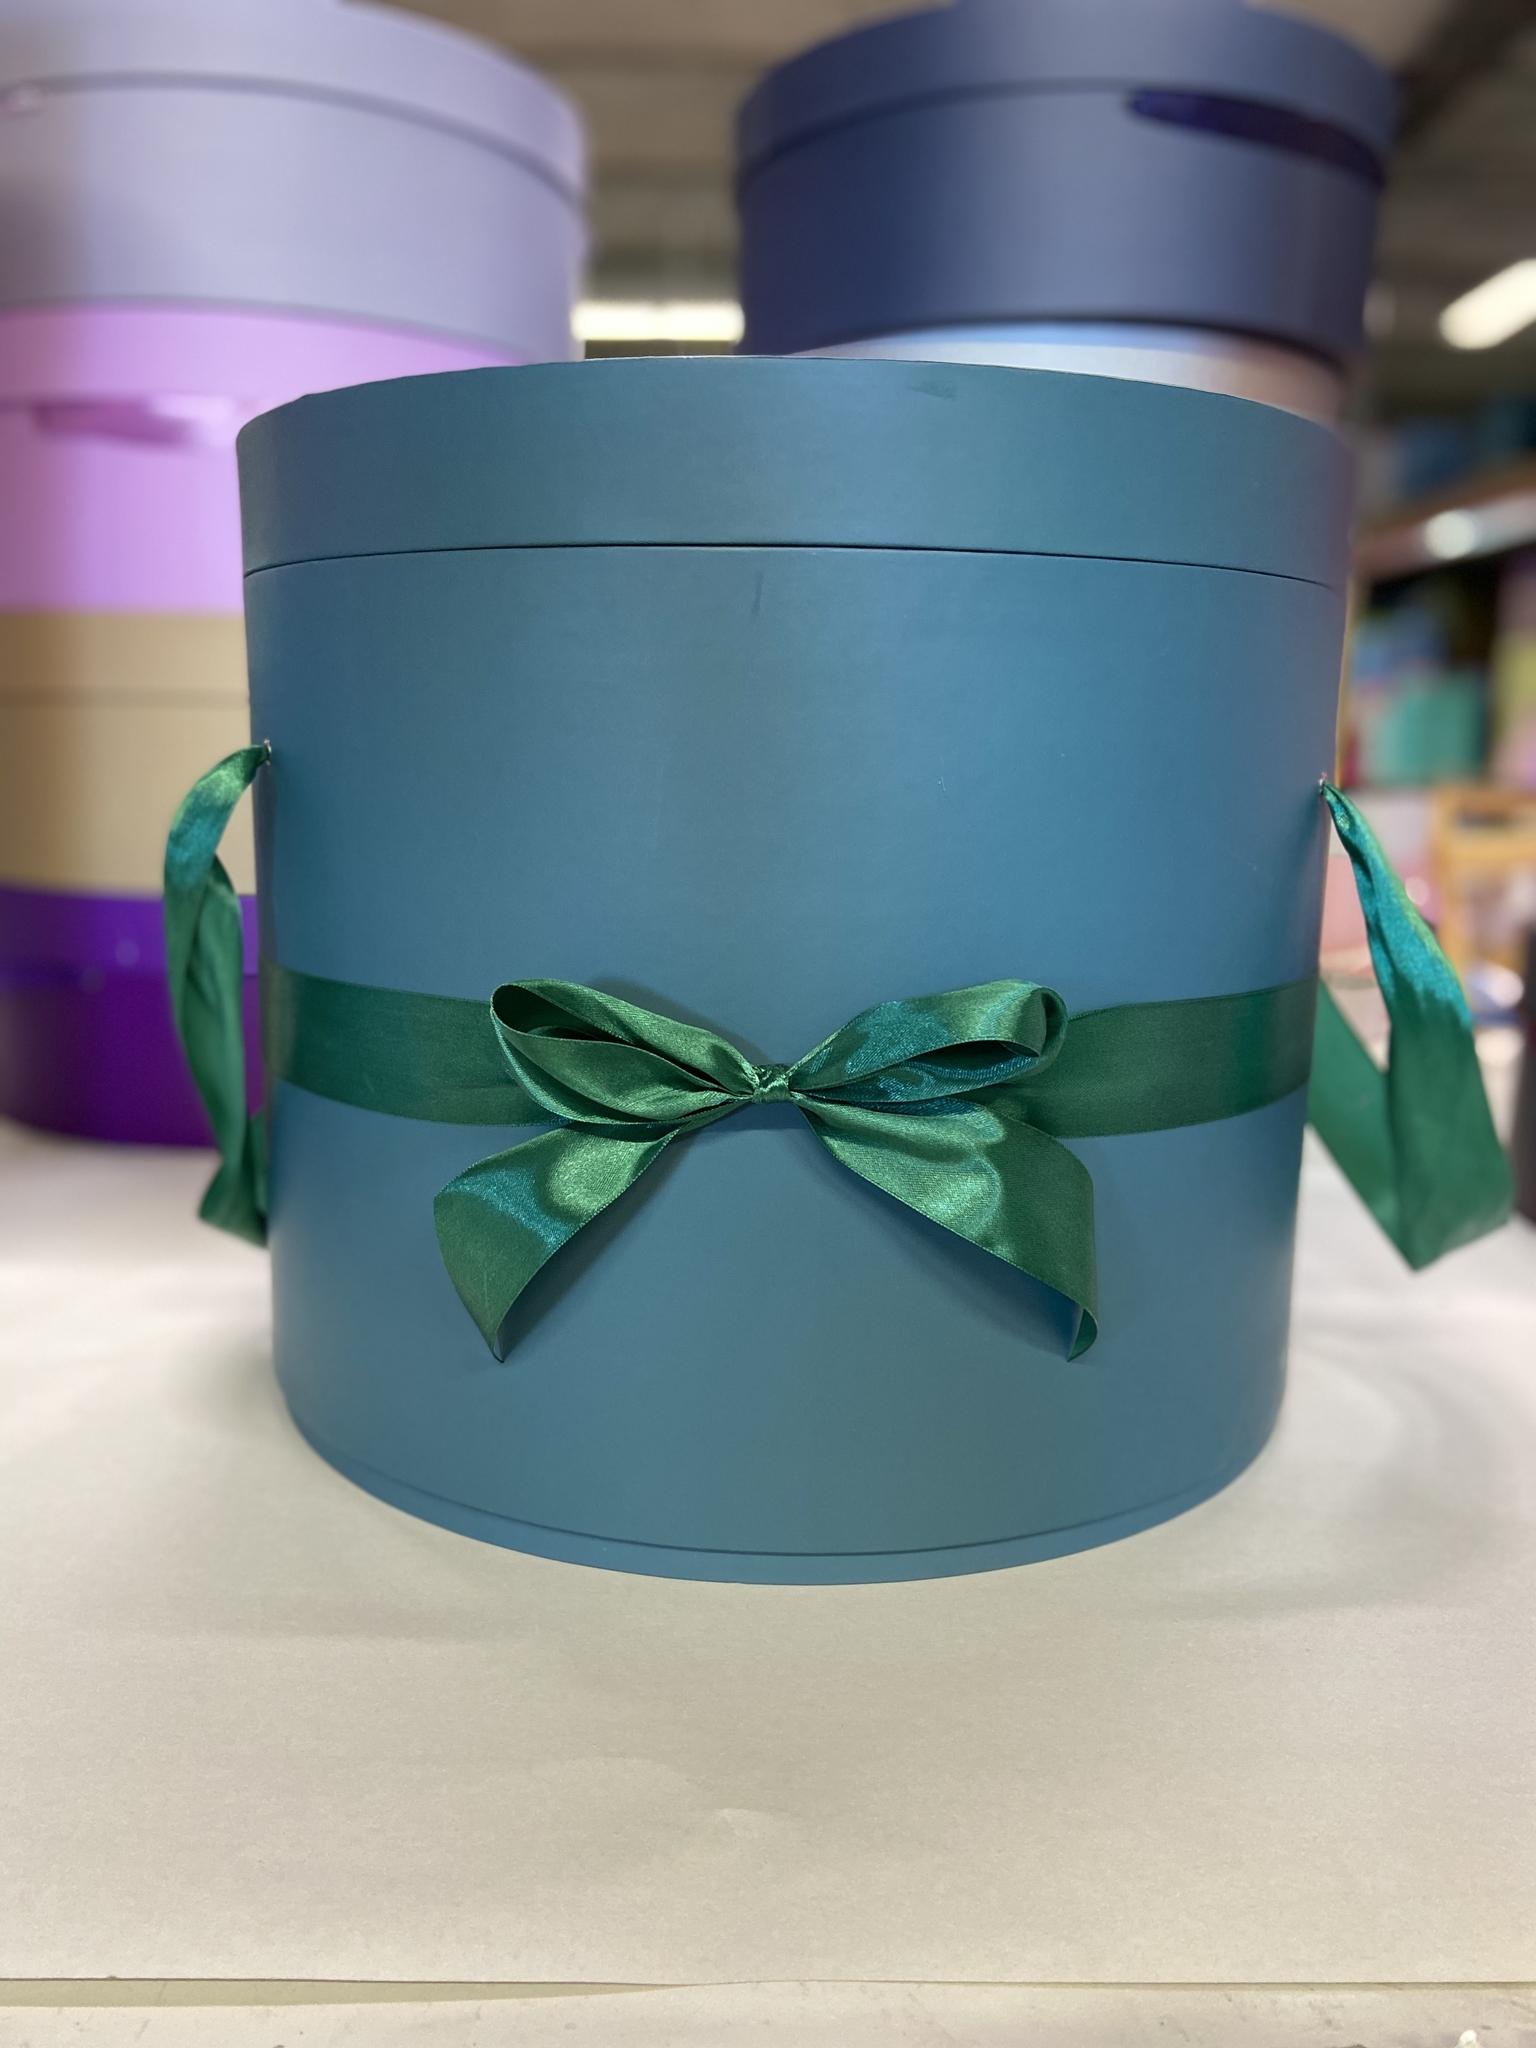 Шляпная коробка 40 см Цвет: Темно зеленый   . Розница 950 рублей .